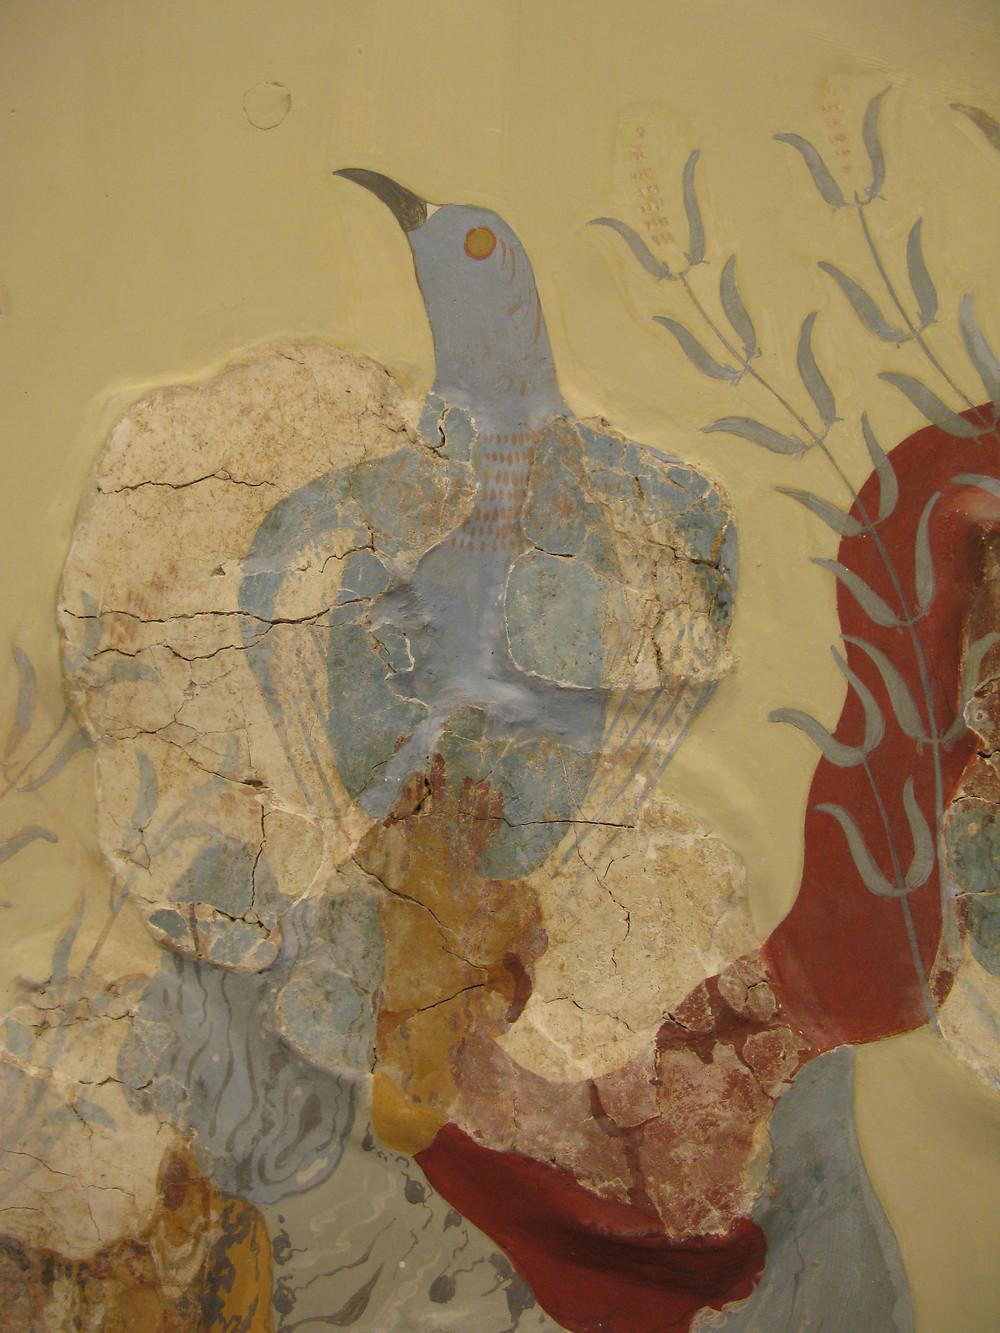 L'oiseau bleu de Knossos, vers 1500 av. J.-C